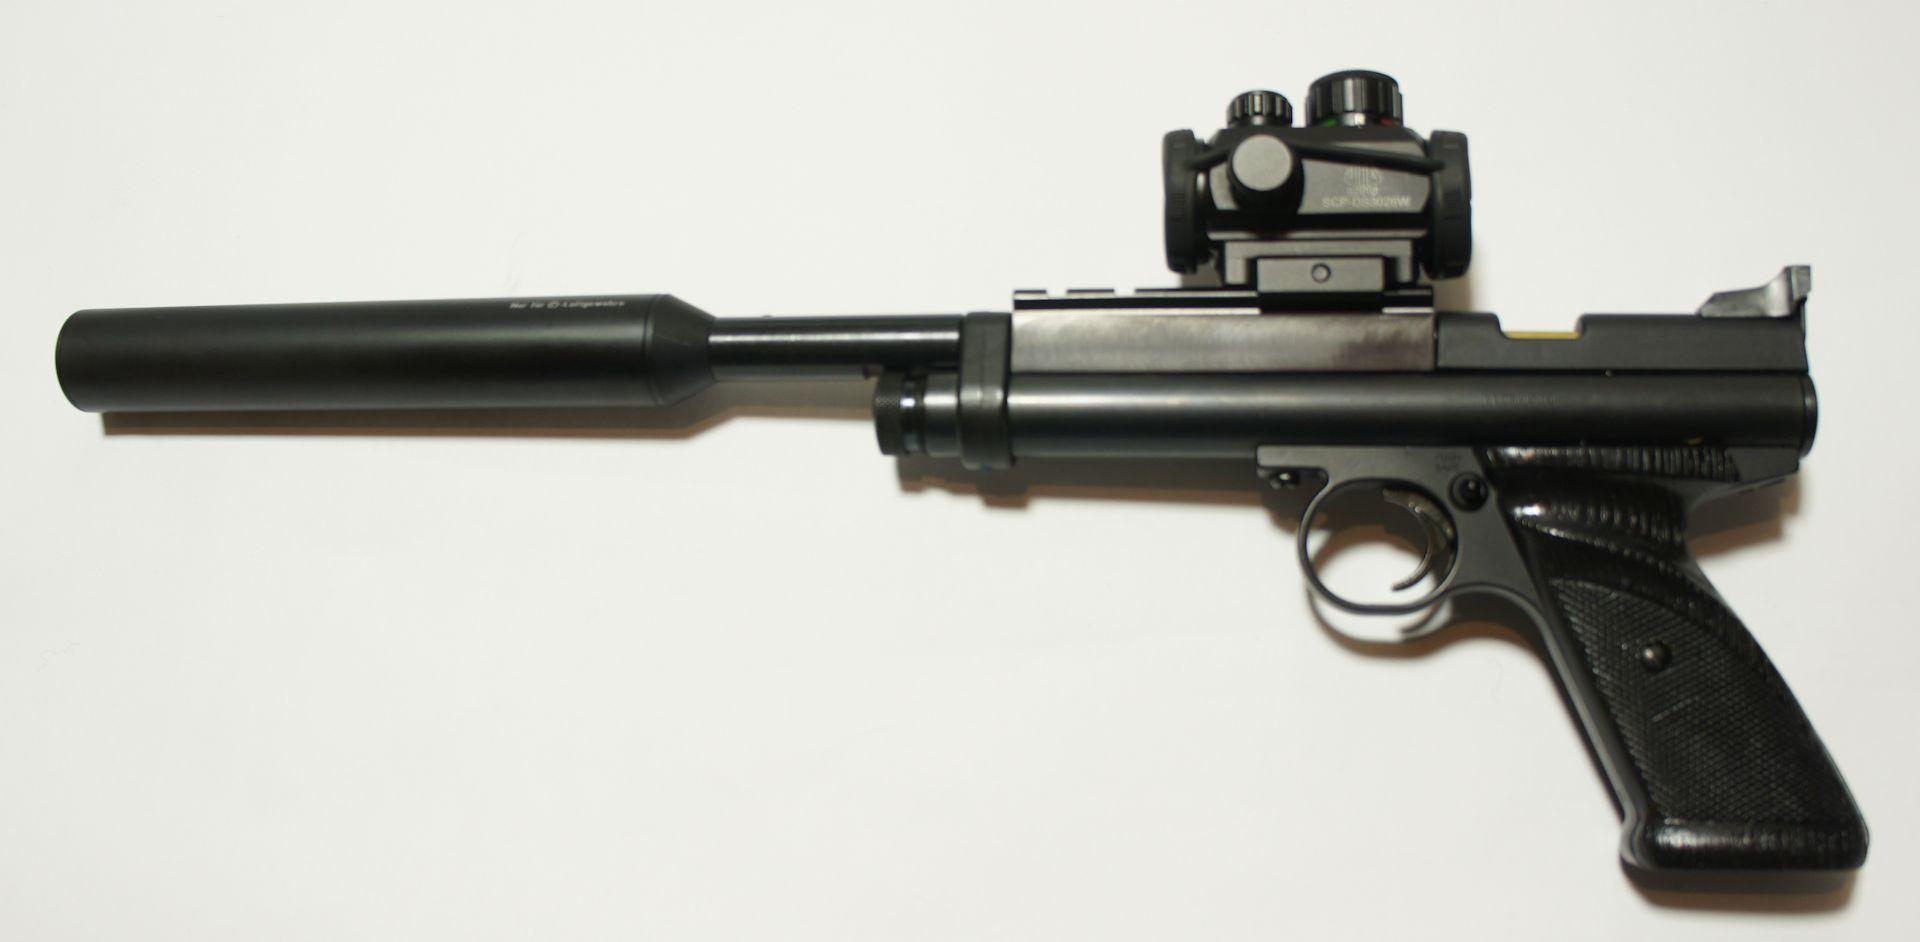 Montagebeispiel an der CO2 Pistole Crosman 2240 mit <a href=1168812.htm>Schalldämpfer von Fa. Weihrauch</a>